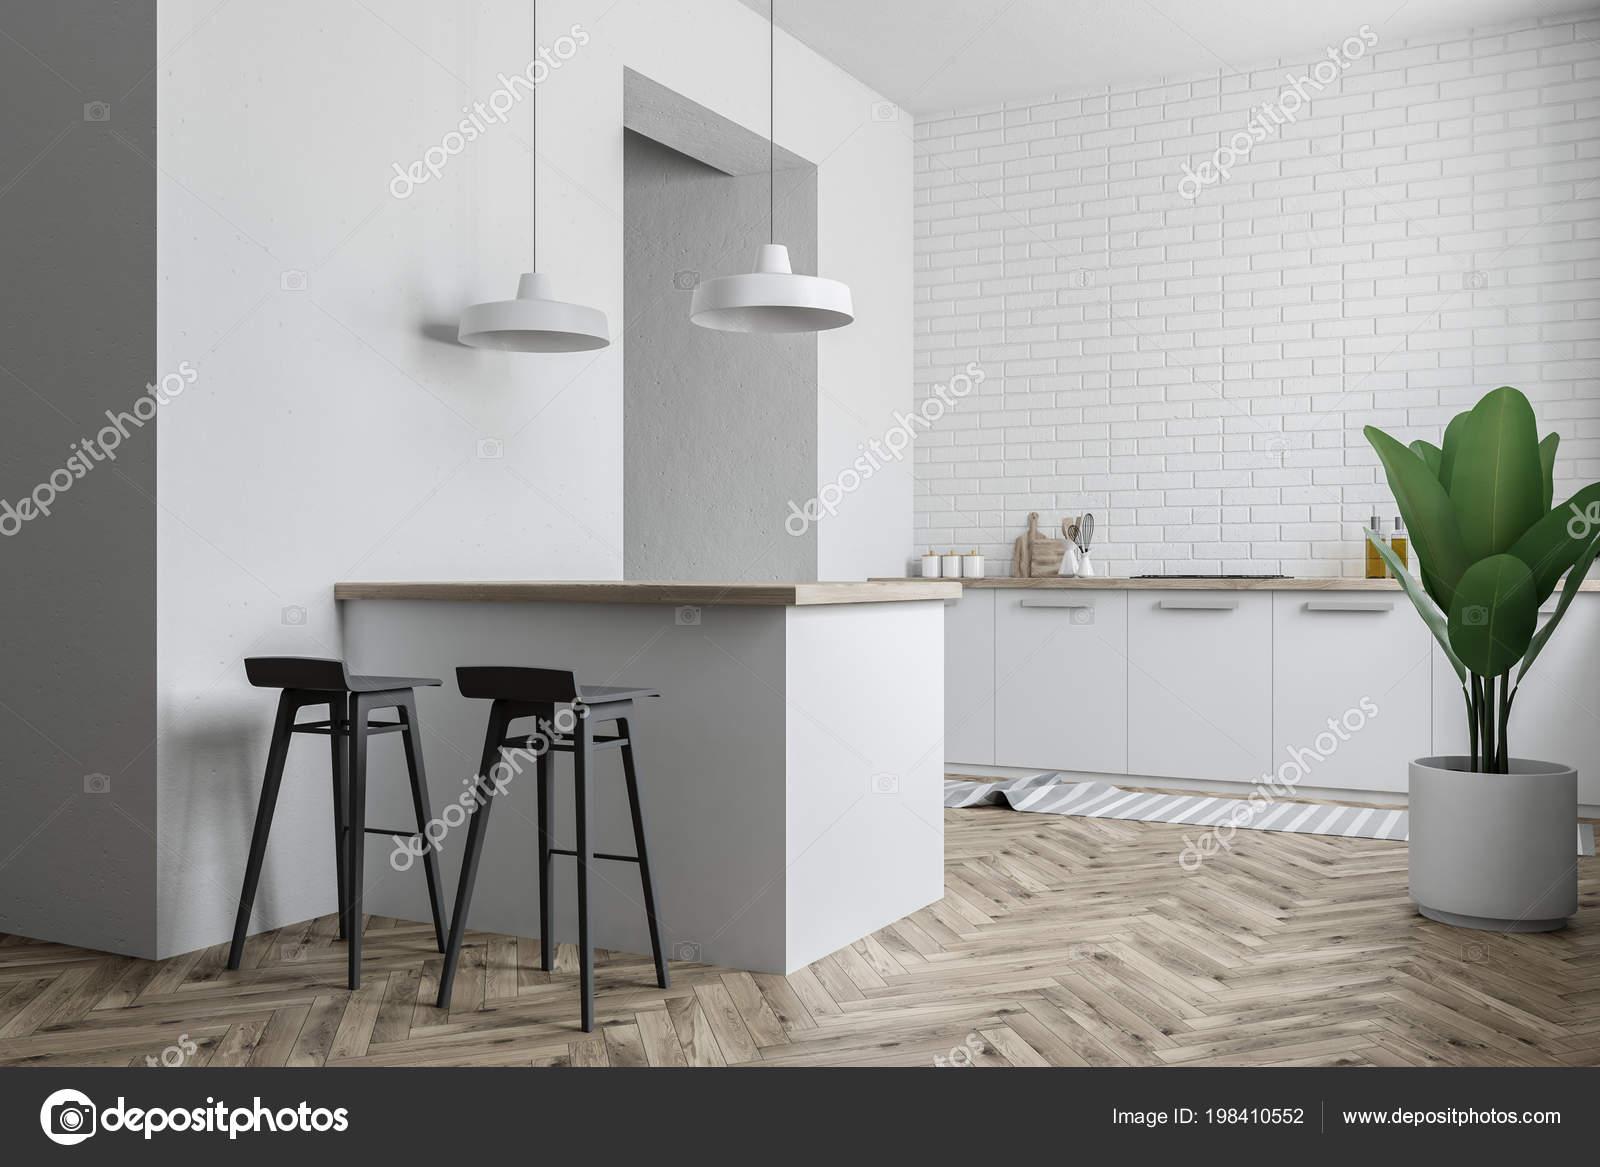 Sgabelli Cucina Bianchi : Interiore della cucina con ripiani bianchi bar con sgabelli una